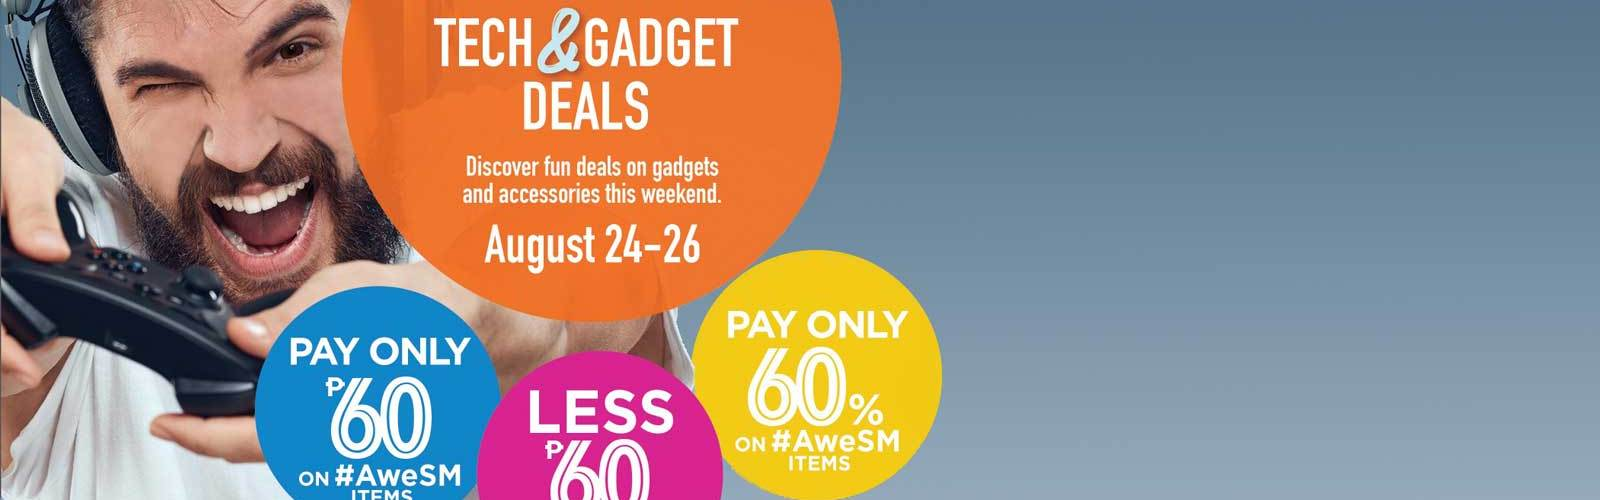 awesm tech and gadget deals